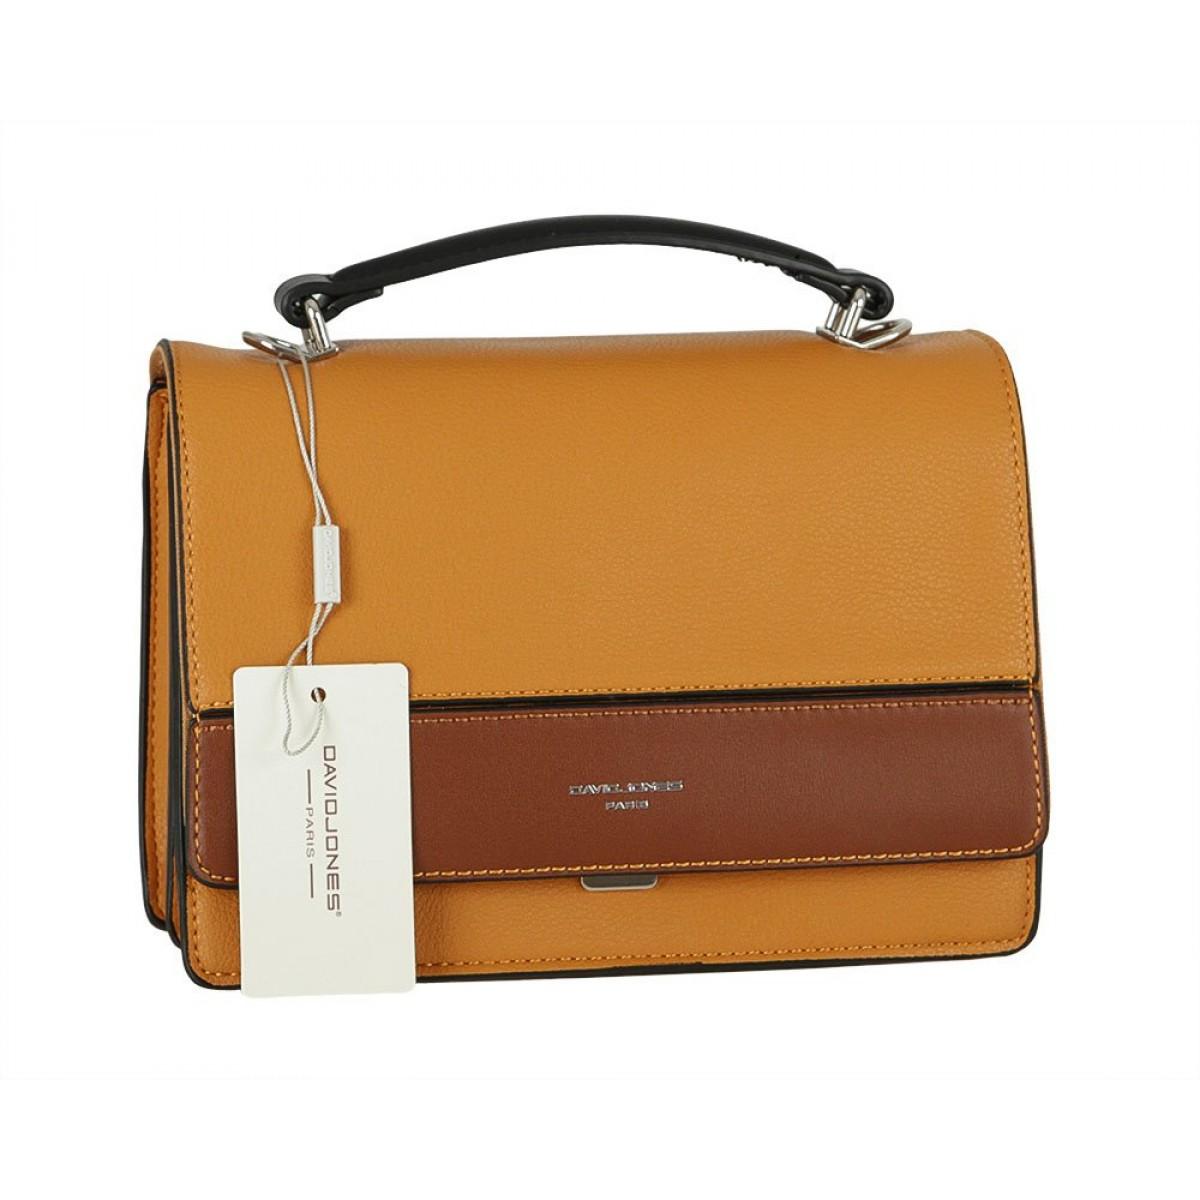 Жіноча сумка David Jones 6413-1 YELLOW